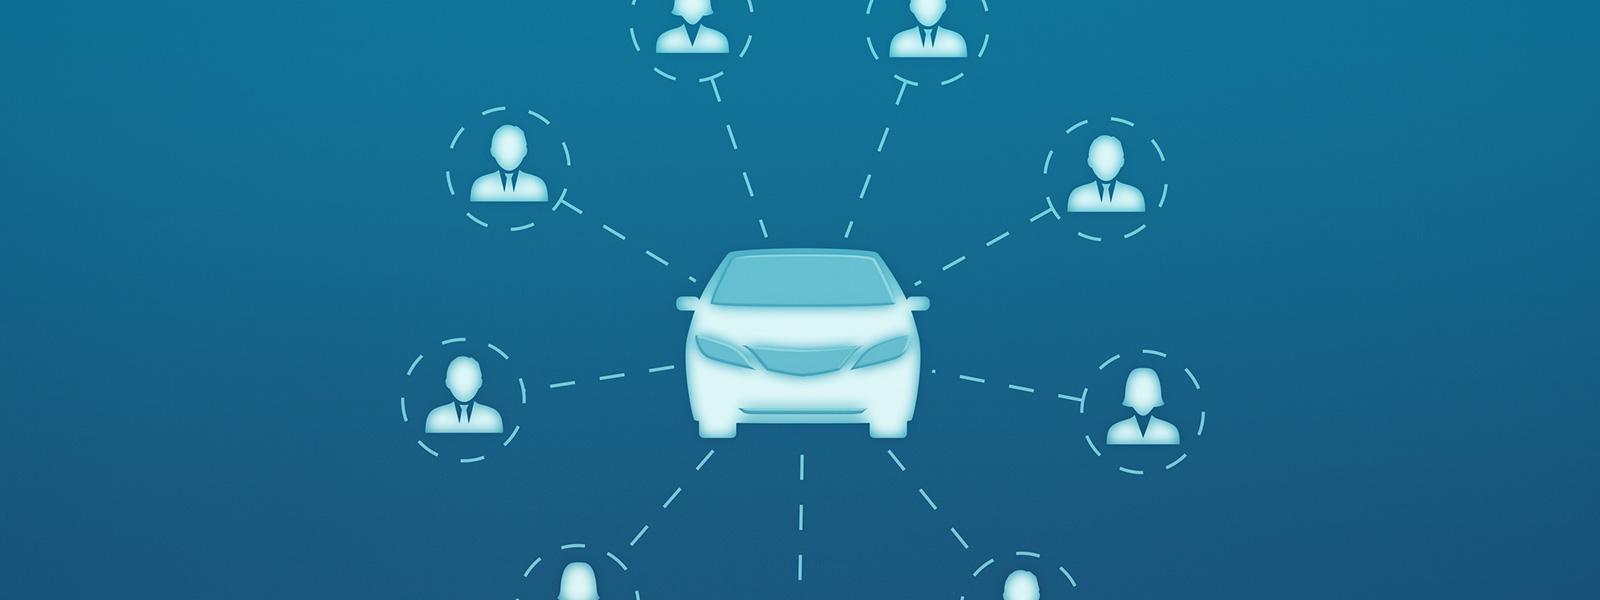 novo-compartilhamento-carros-lancado-brasil-blog-ceabs